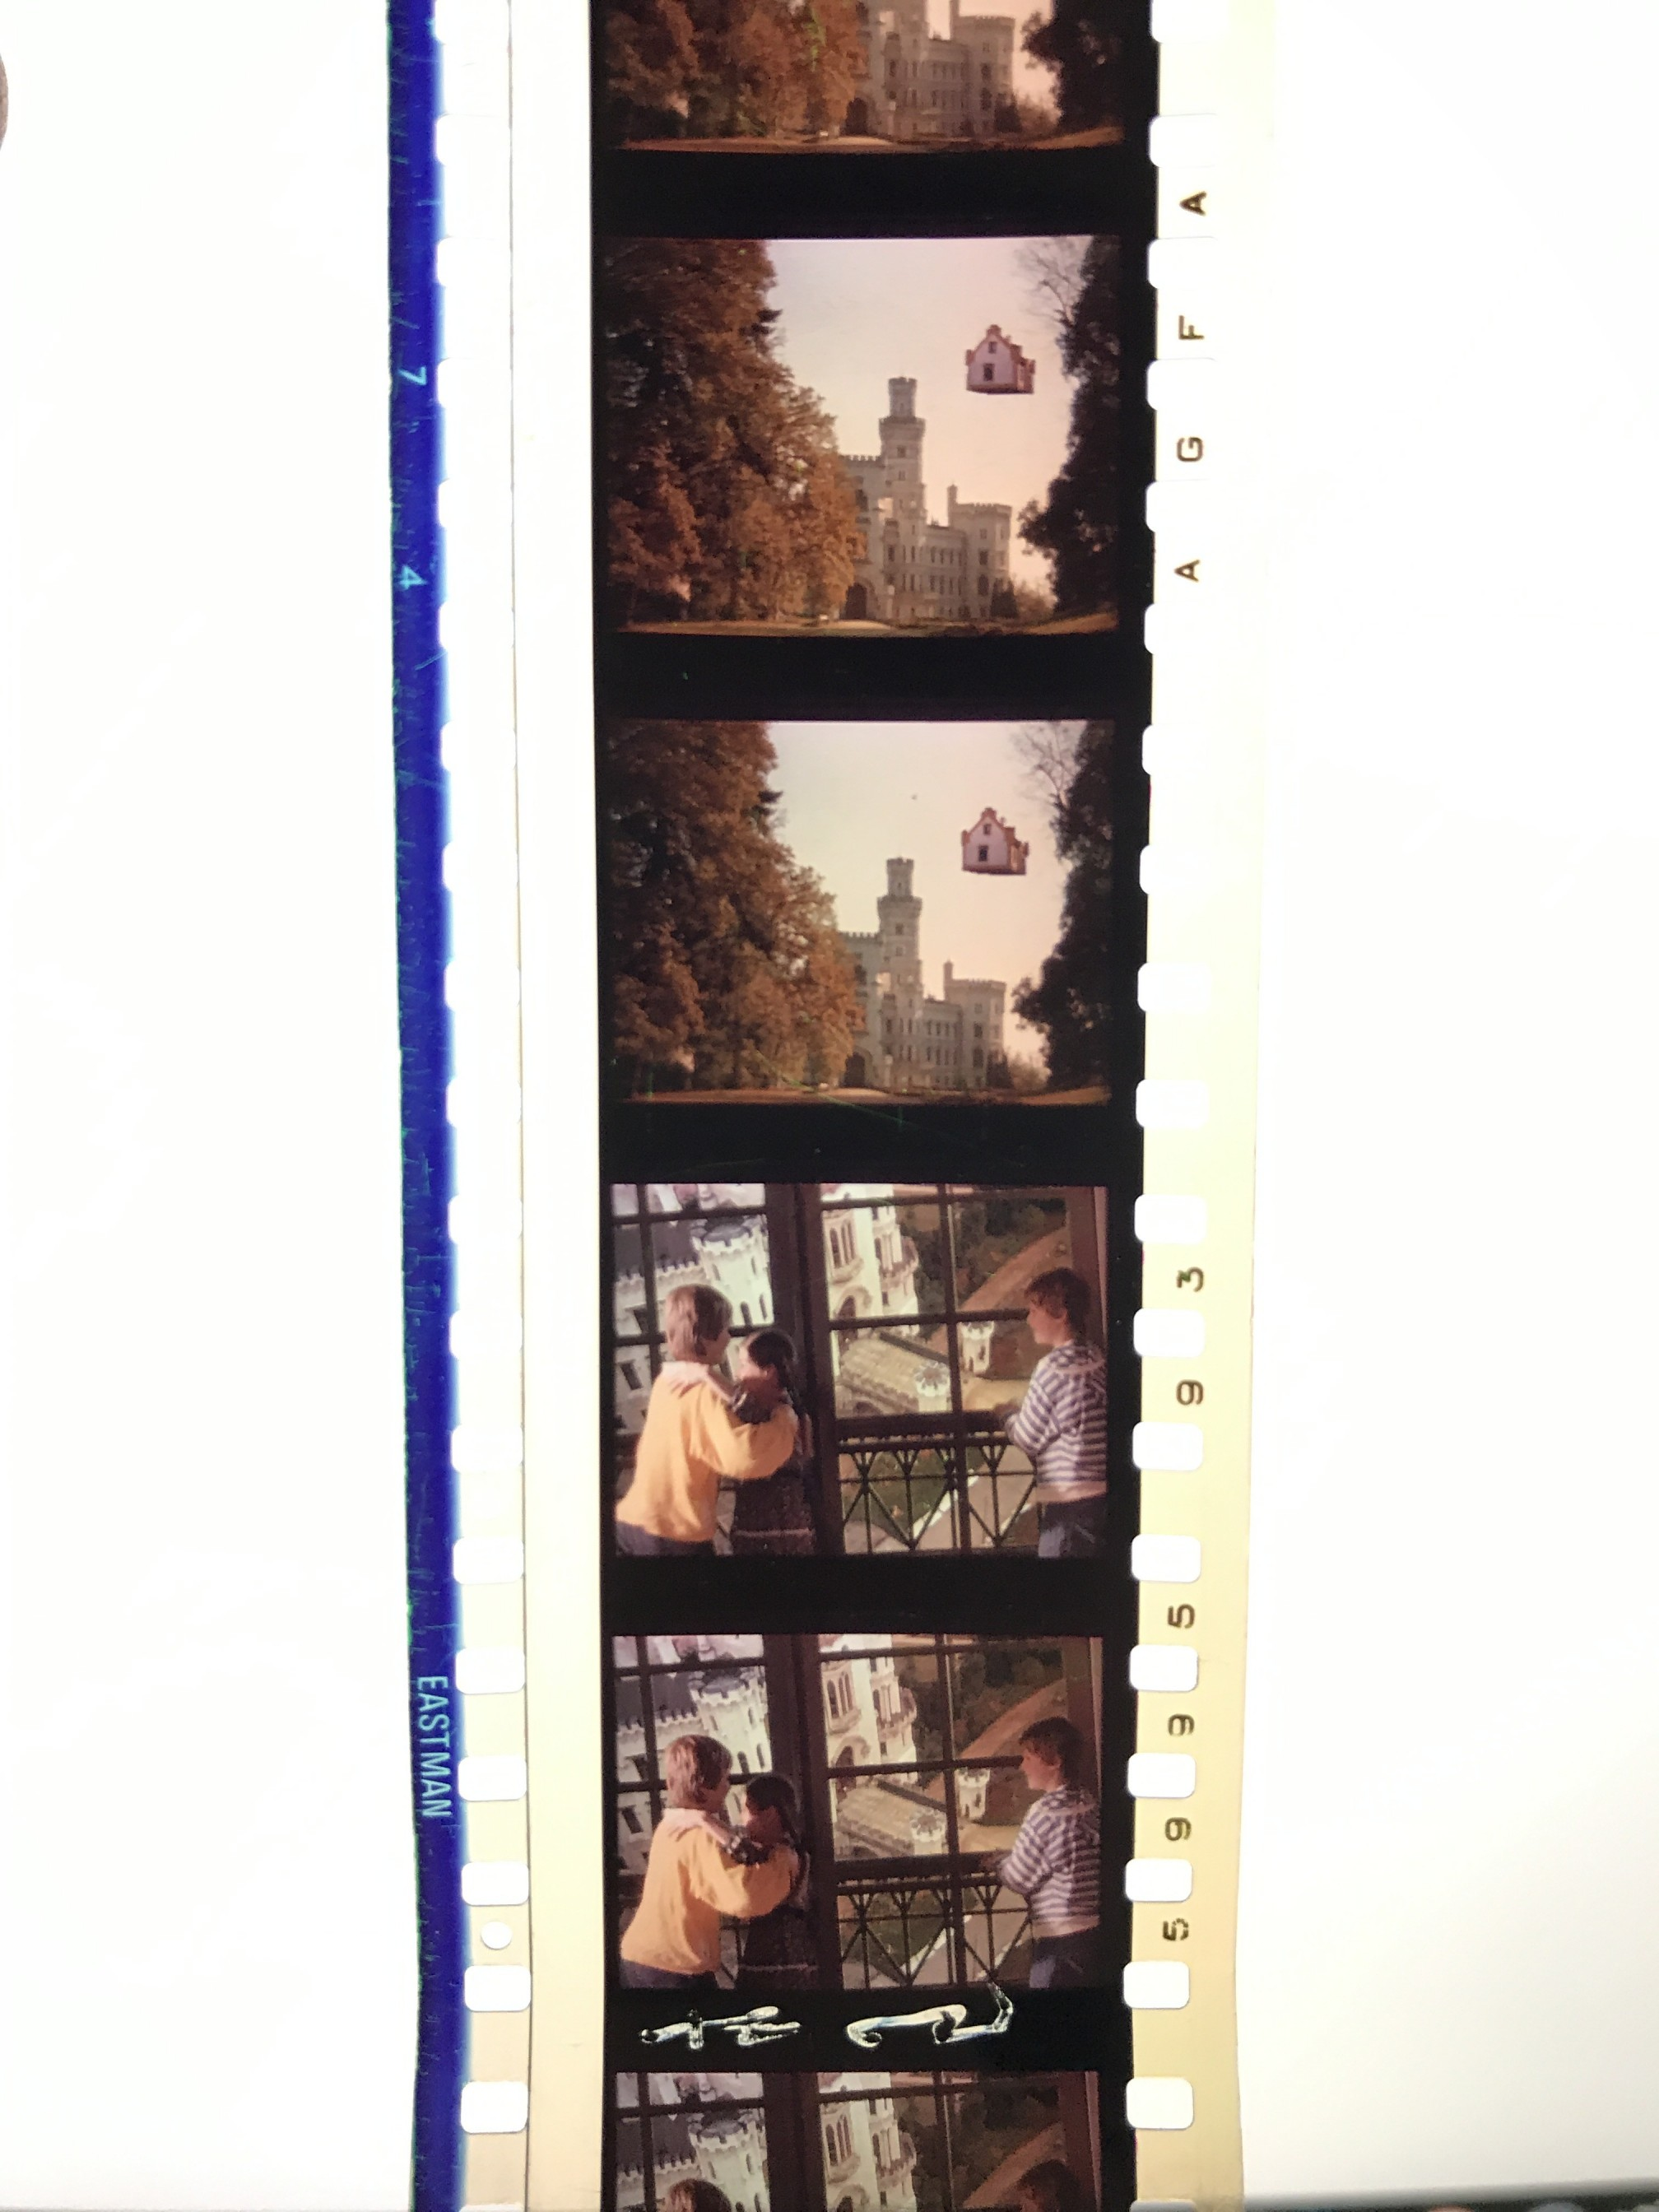 Le CinéAutomate / Le Ciné-Jeu / Métropole Défi (1991-2003) - Page 3 IMG-2655